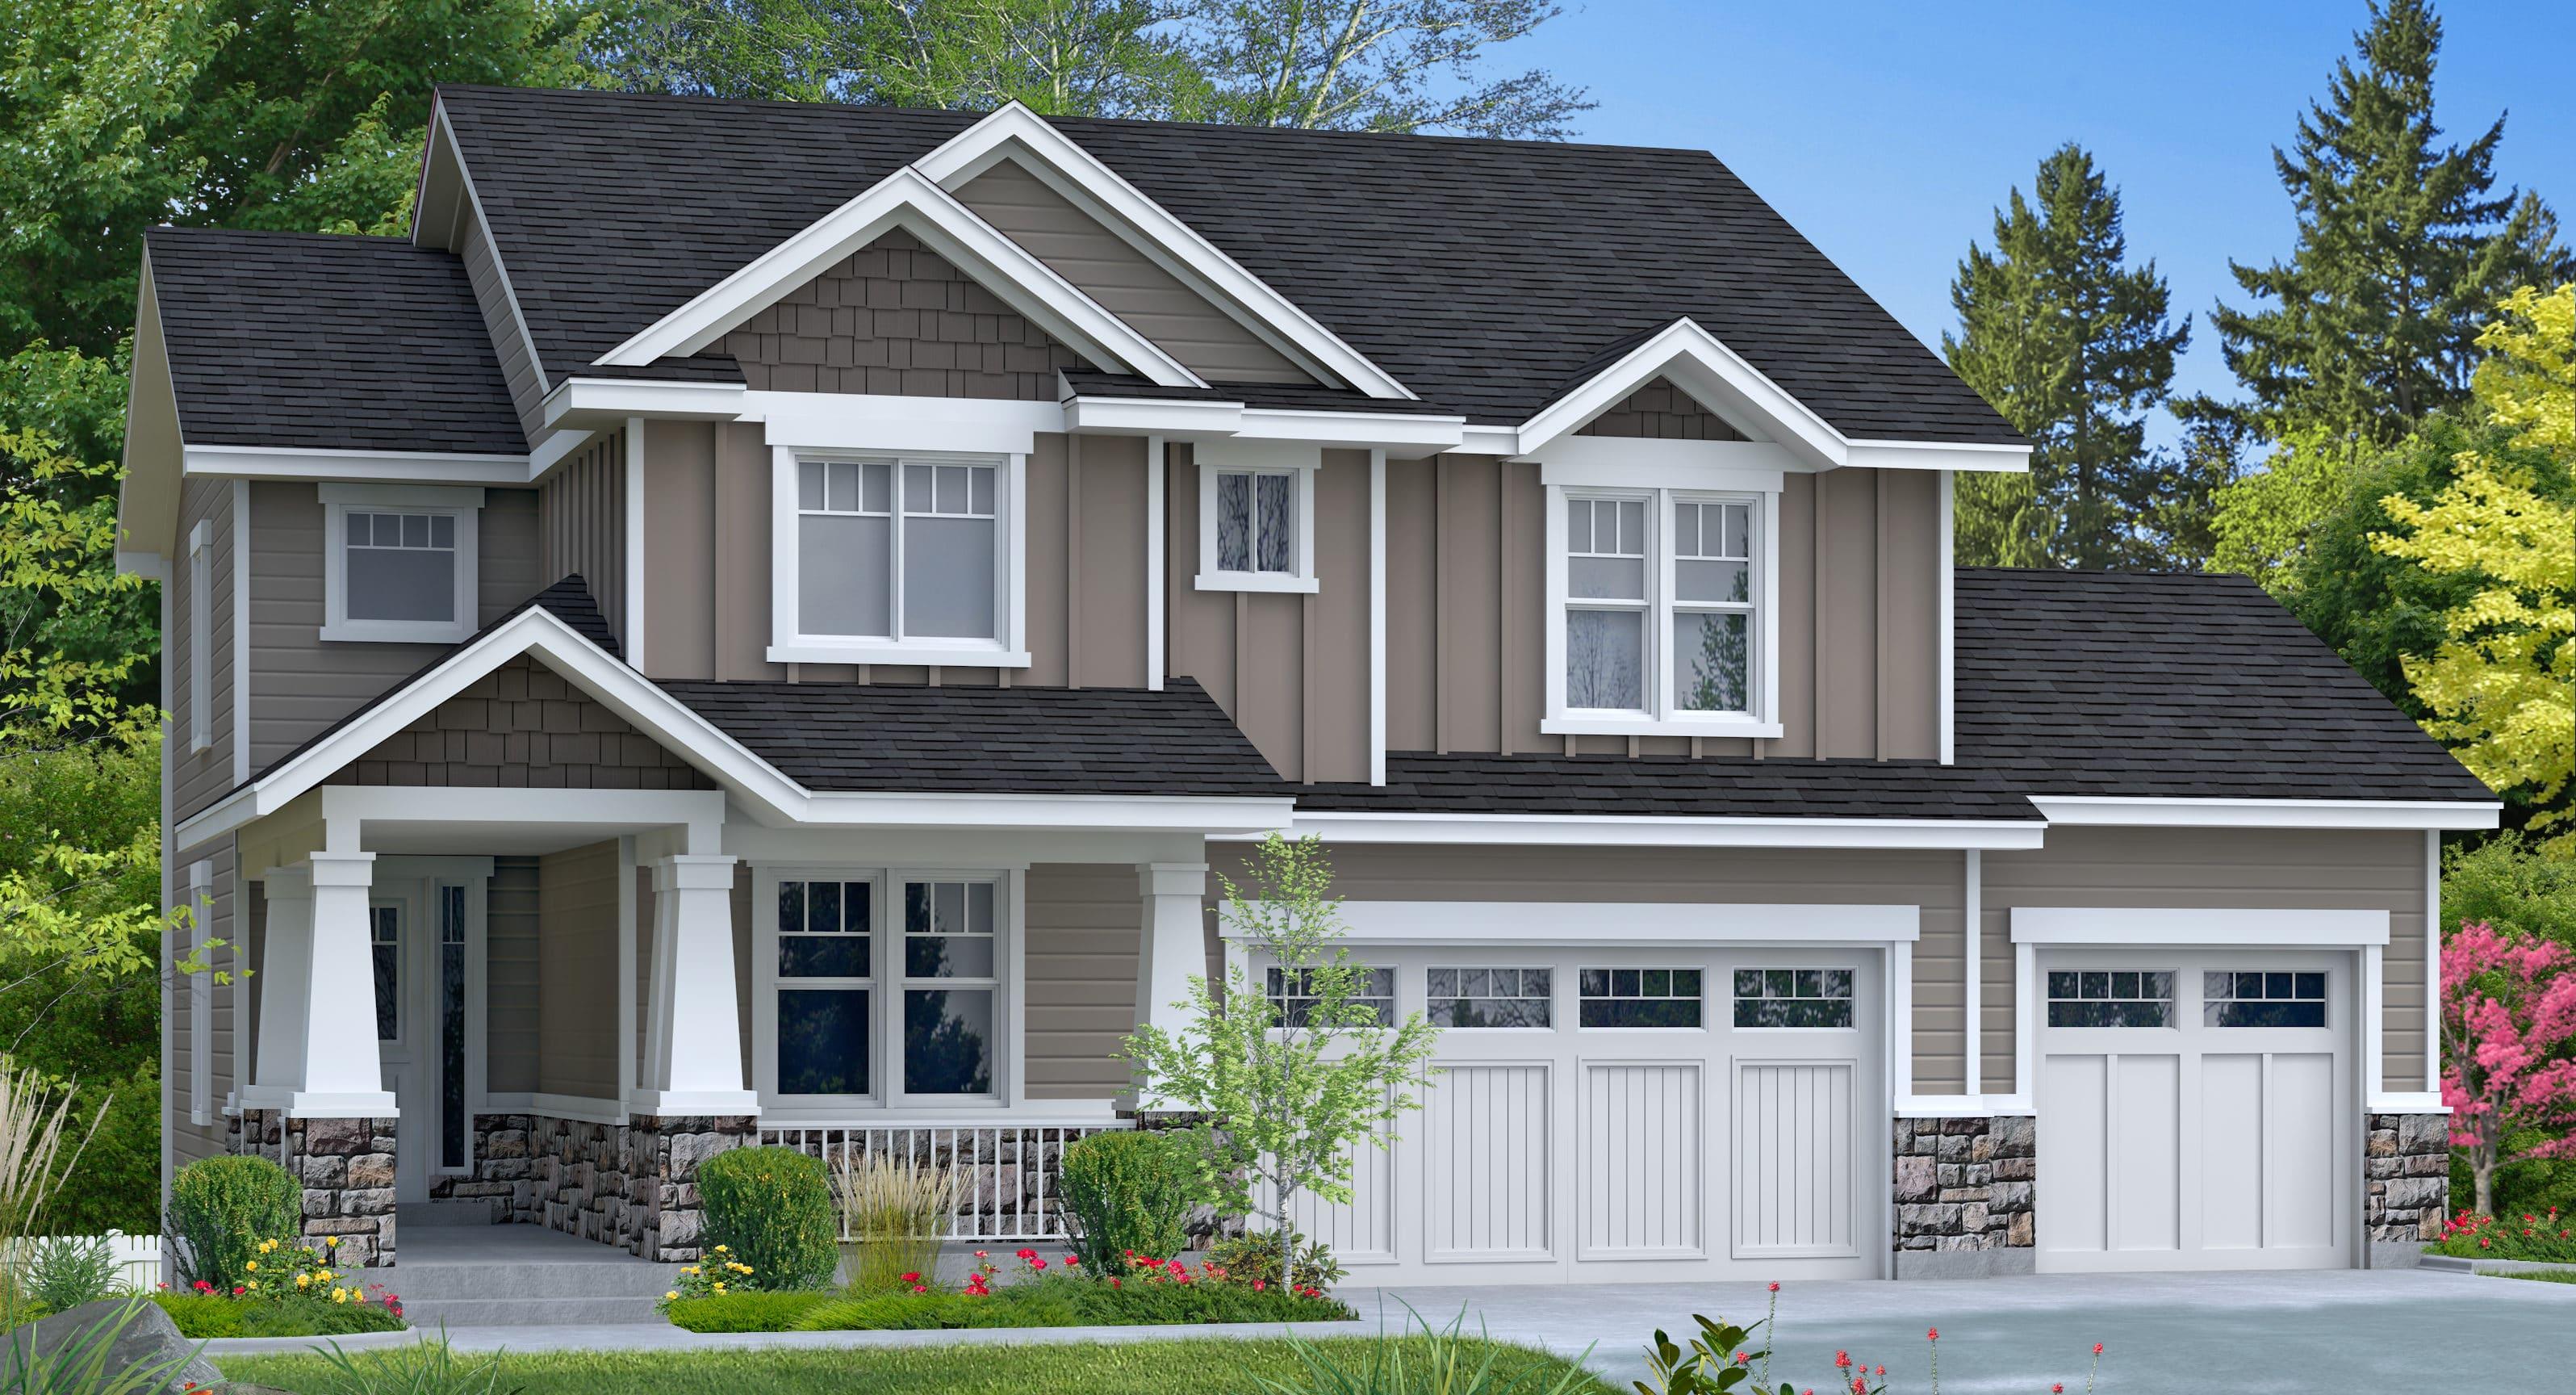 The Cottonwood floor plan custom designed by Perry Homes Utah.